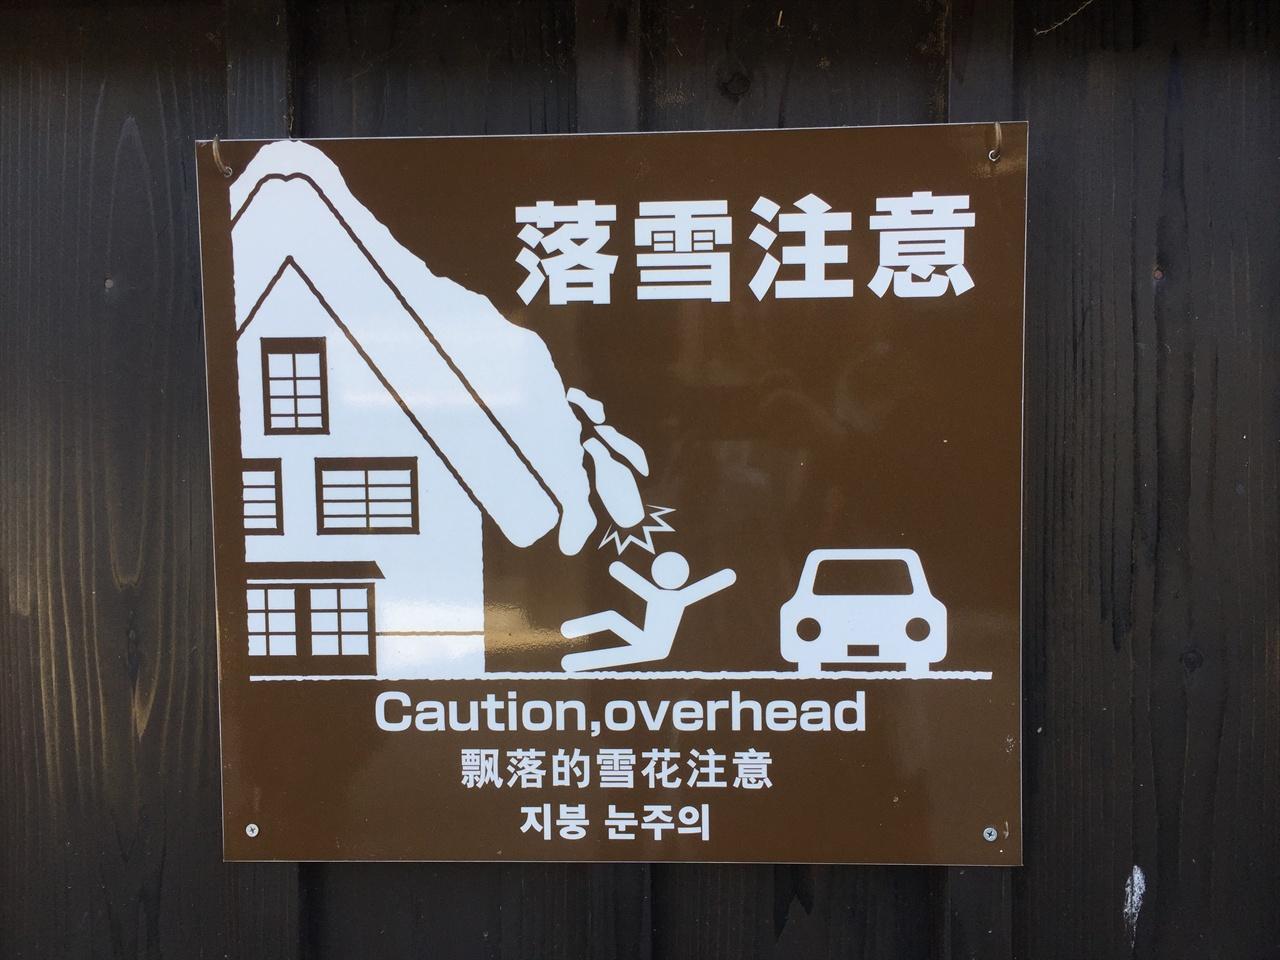 '낙설주의', 어디에서도 보지 못한 경고 표지판입니다! 지붕에 쌓인 눈이 녹아내리면서 쏟아질 수 있으니 조심하라는 경고가, 여기 저기에 붙어 있었어요. 재밌지 않나요? 하지만, 정말 조심해야 할 것 같았어요. 일순간 눈사람이 될 수도 있으니까요!